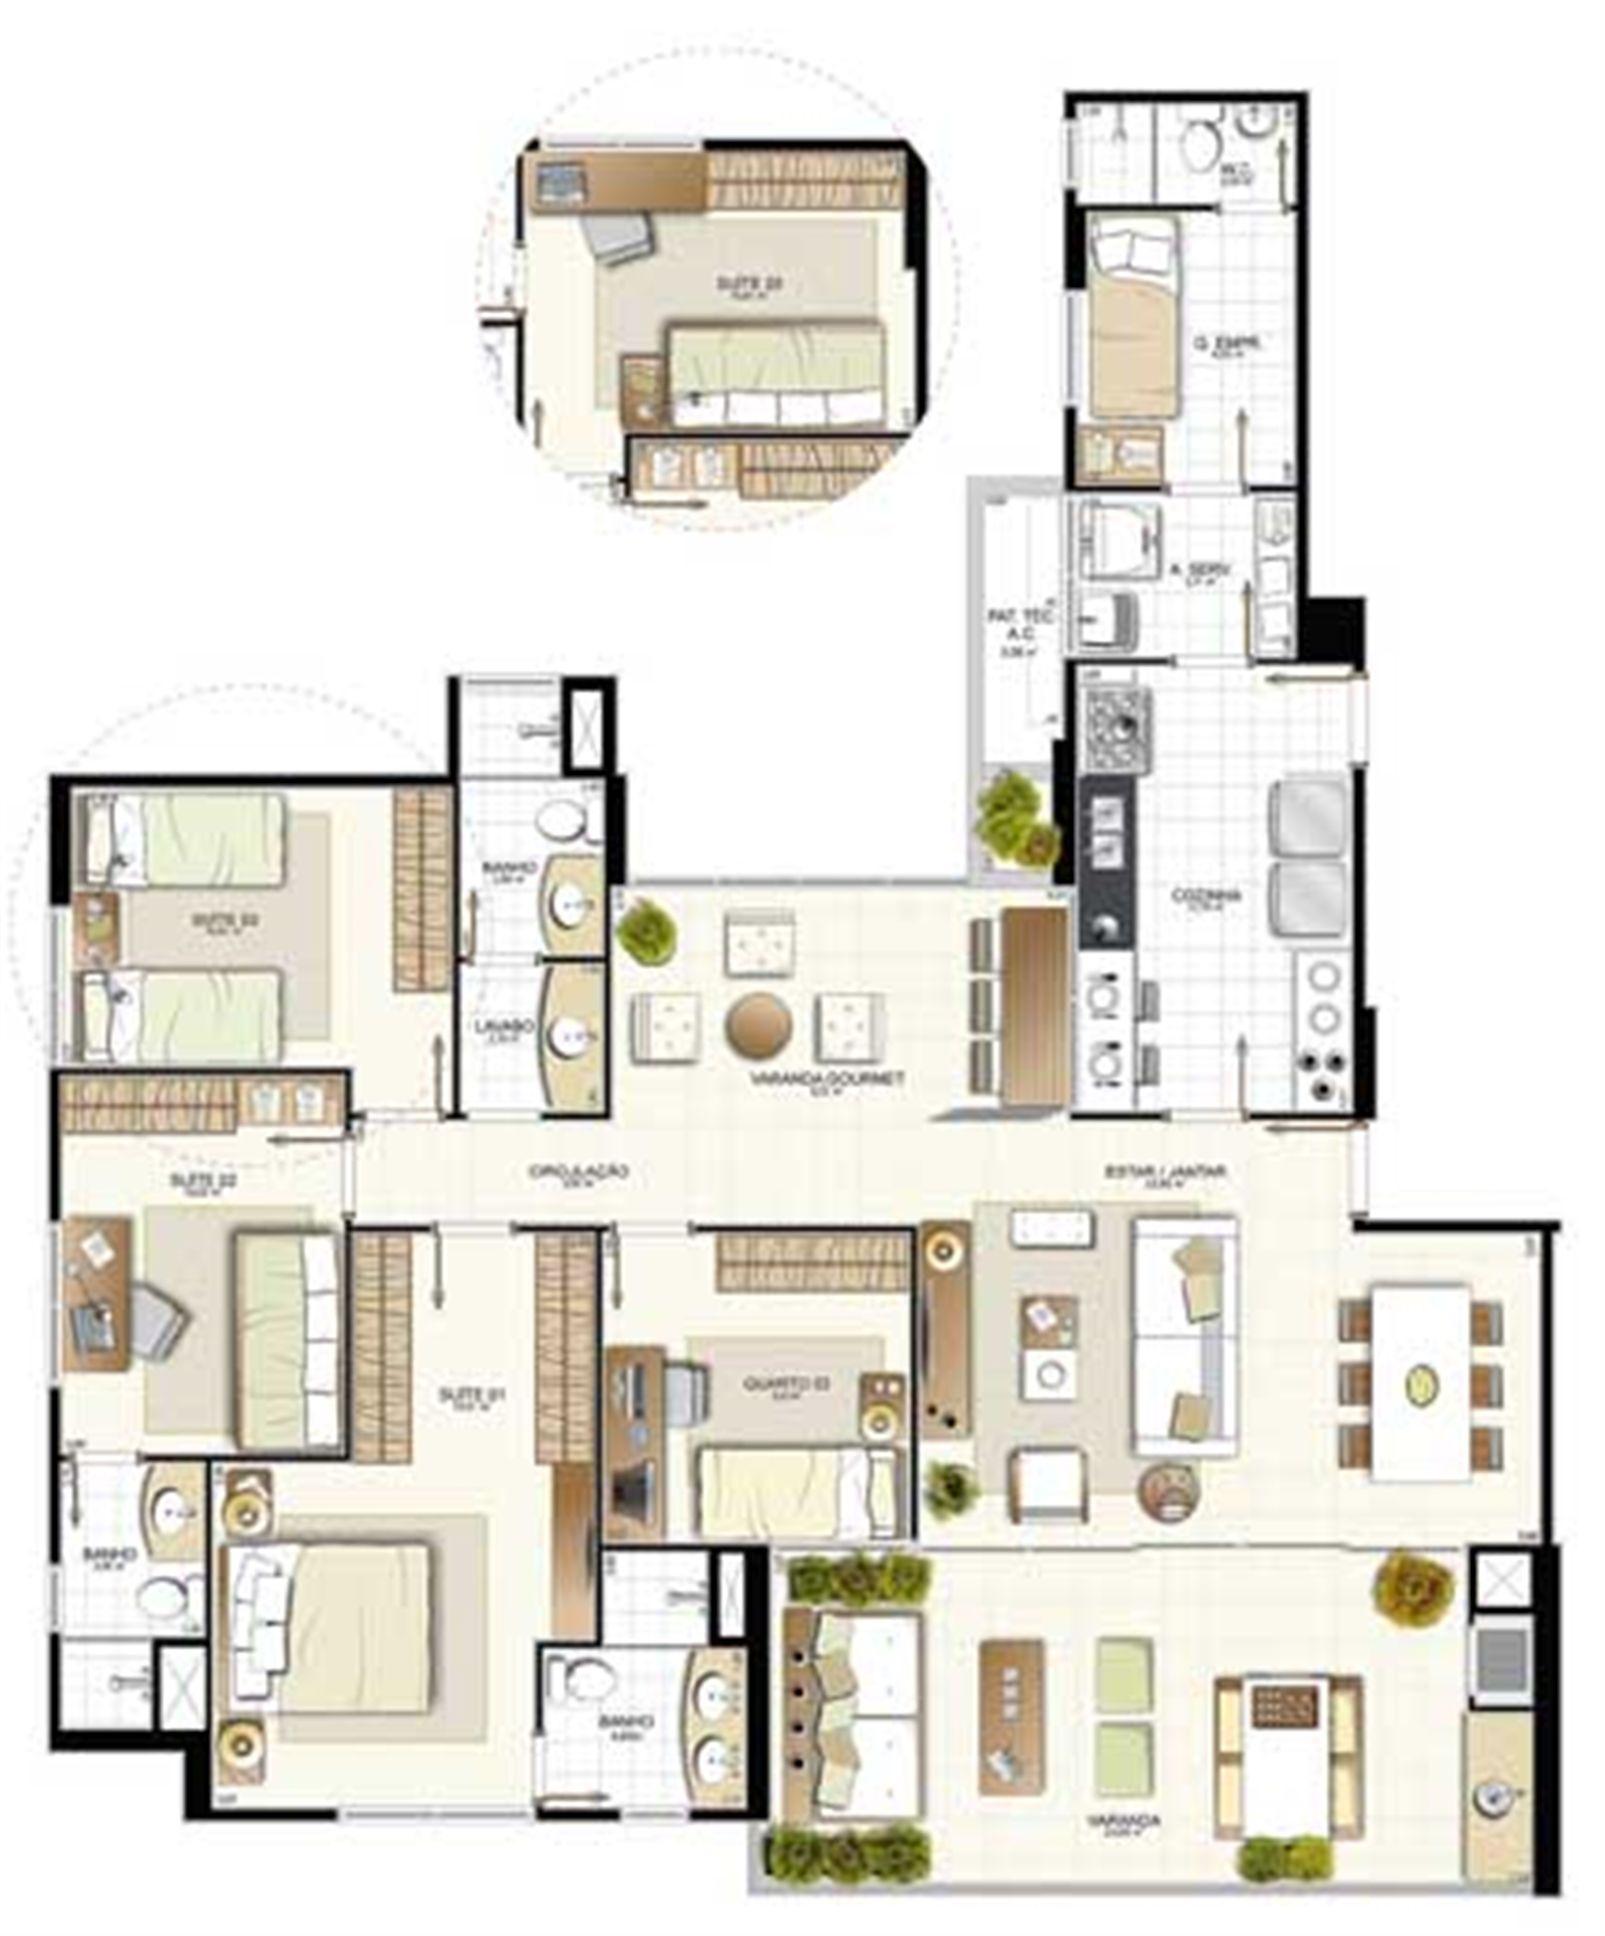 Planta 4 quartos - 148,56 m² | Provence Horto – Apartamentono  Horto Florestal - Salvador - Bahia